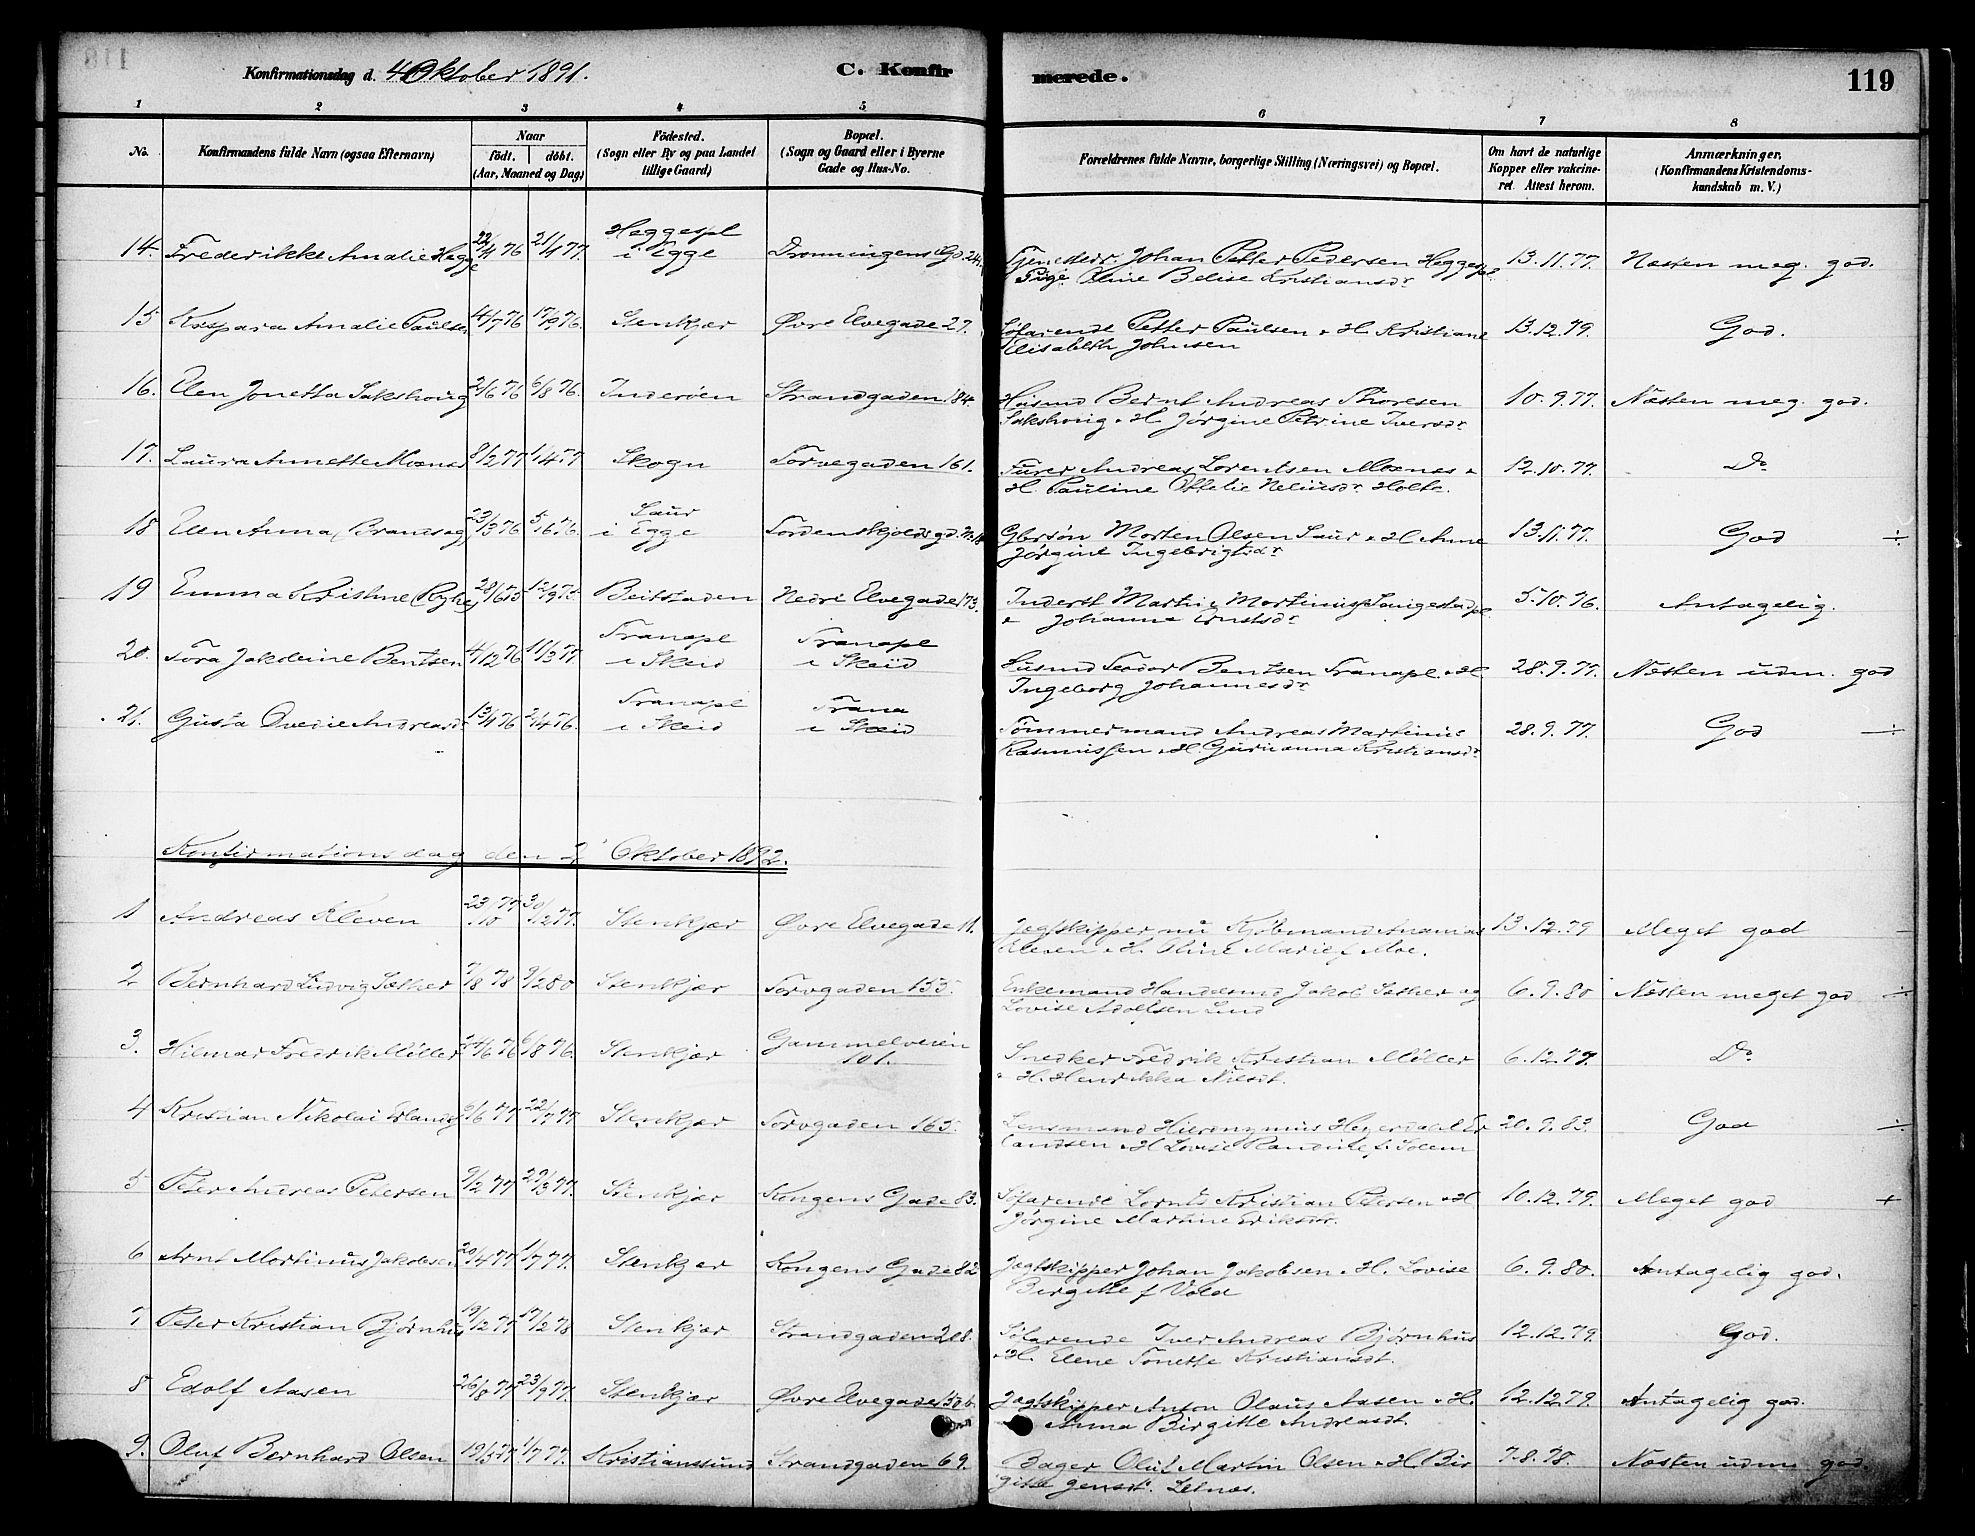 SAT, Ministerialprotokoller, klokkerbøker og fødselsregistre - Nord-Trøndelag, 739/L0371: Ministerialbok nr. 739A03, 1881-1895, s. 119